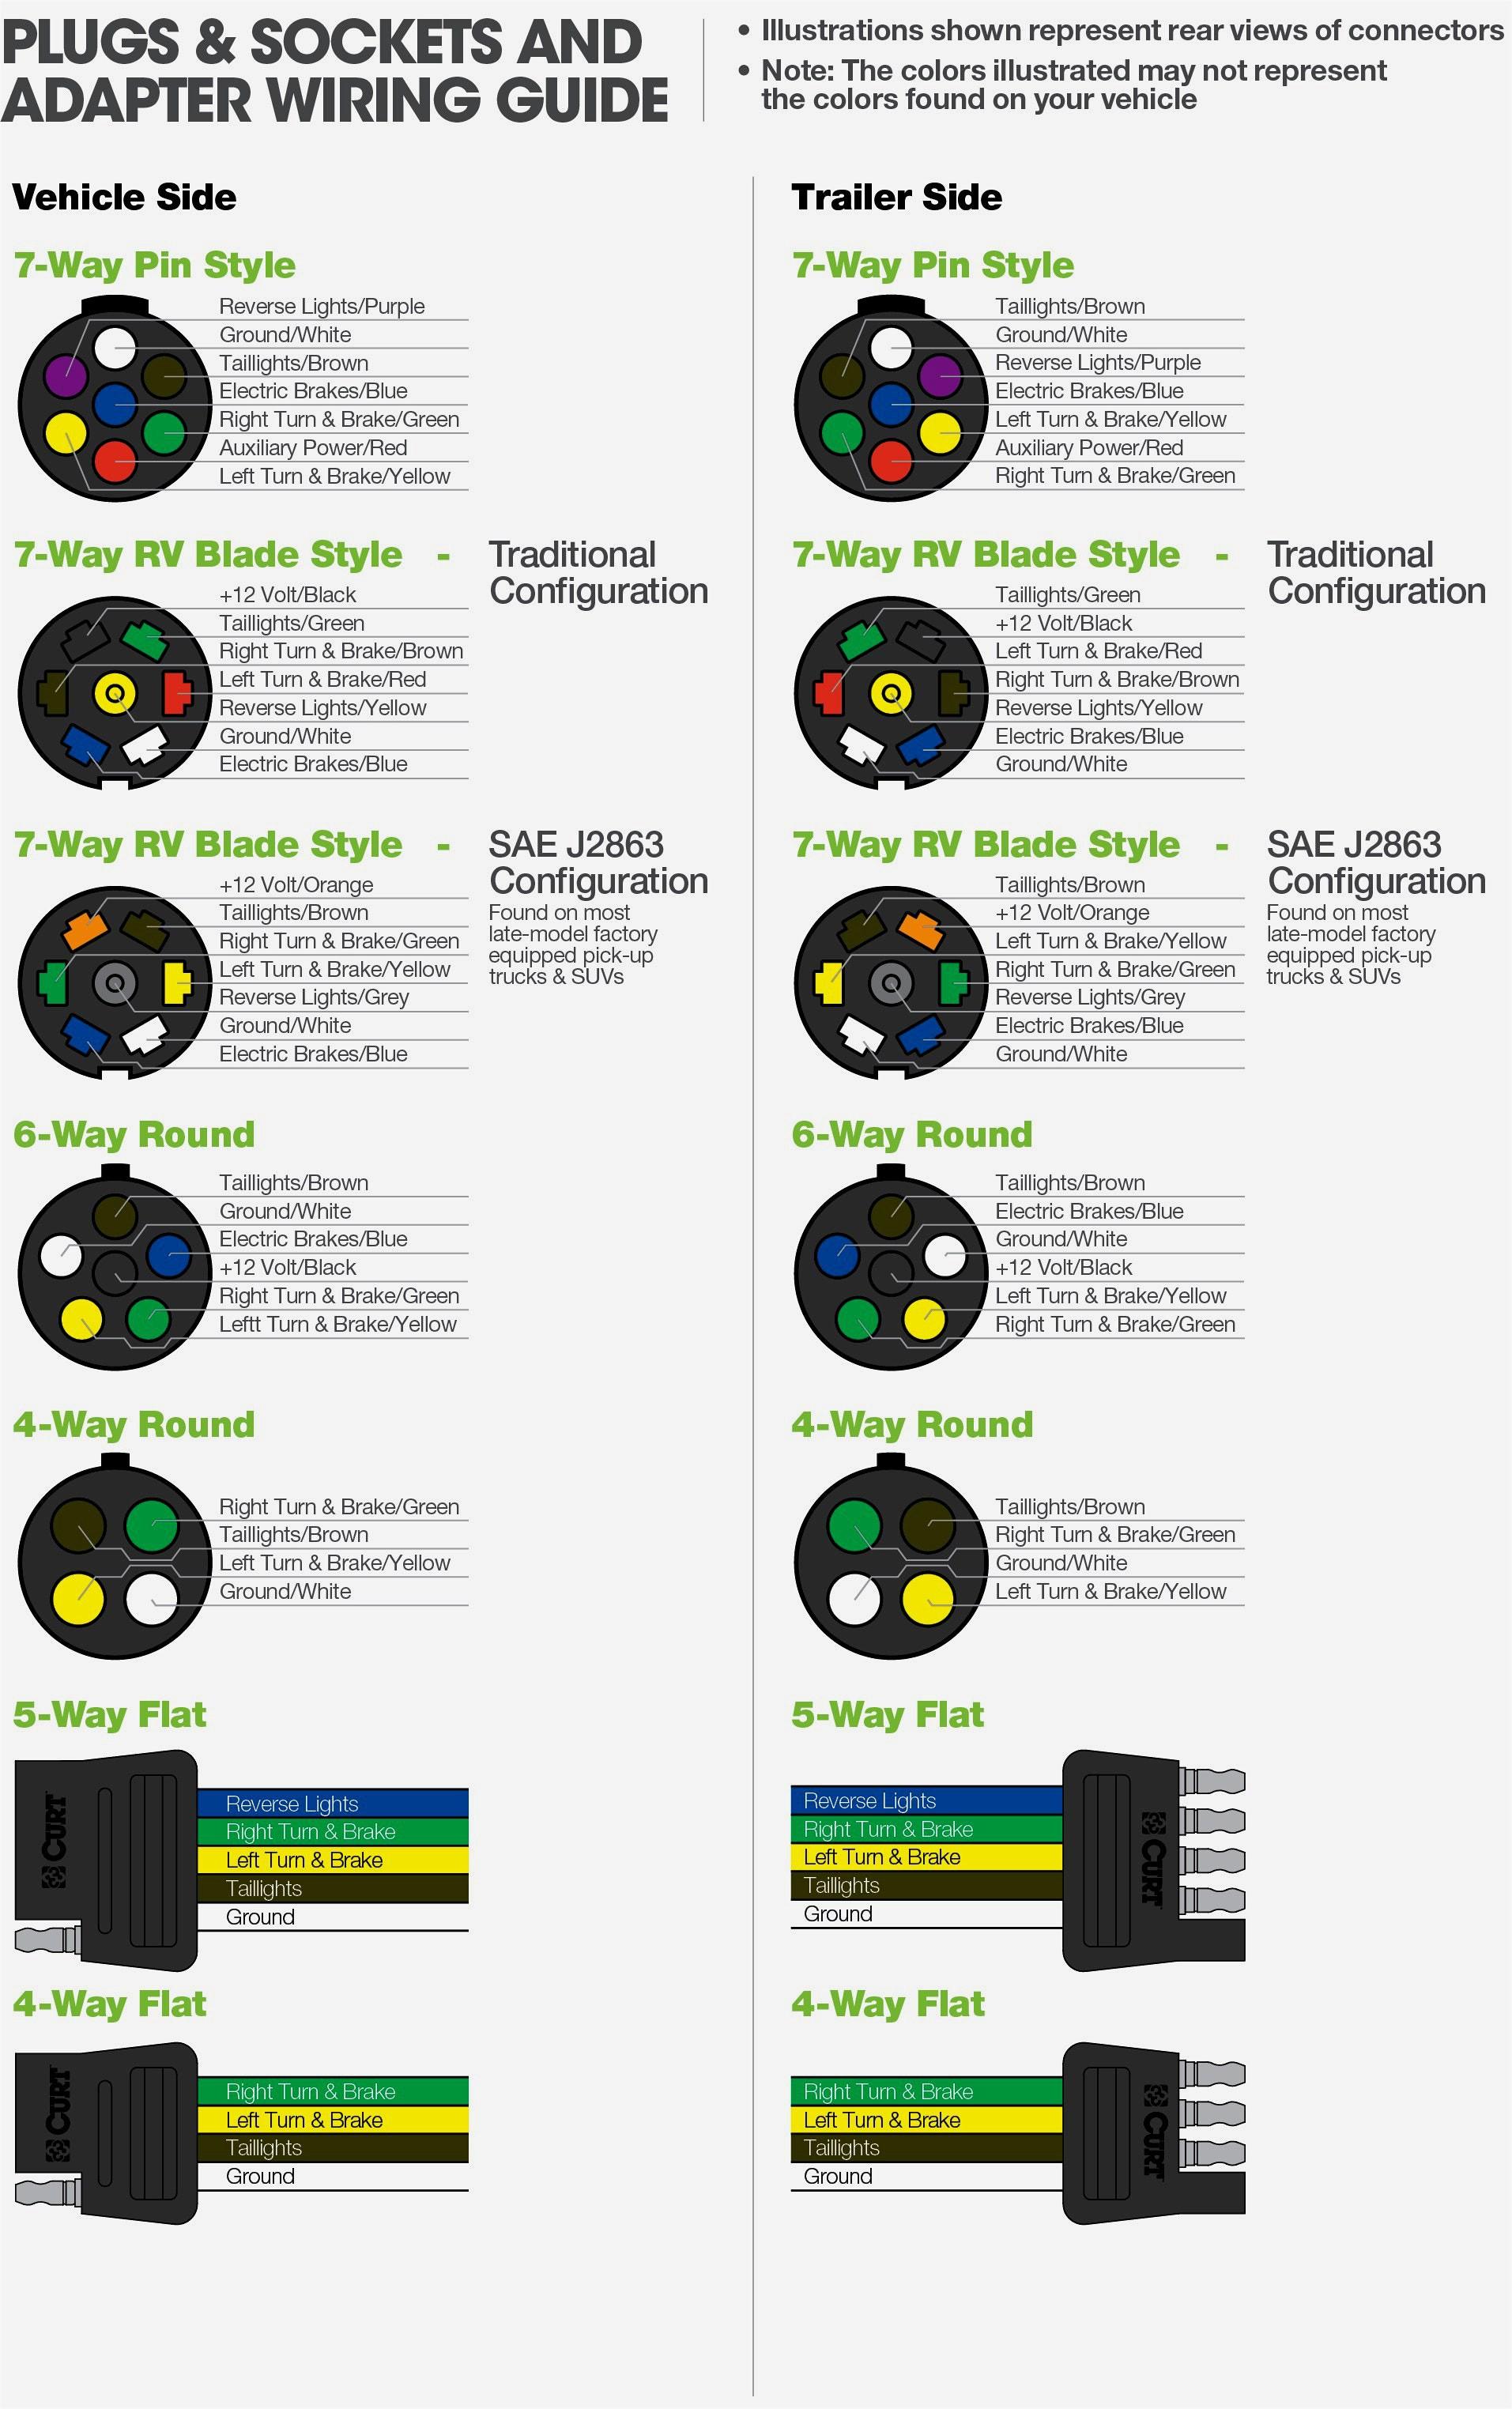 7 Way Wiring Diagrams | Wiring Diagram - Chevy 7 Pin Trailer Wiring Diagram